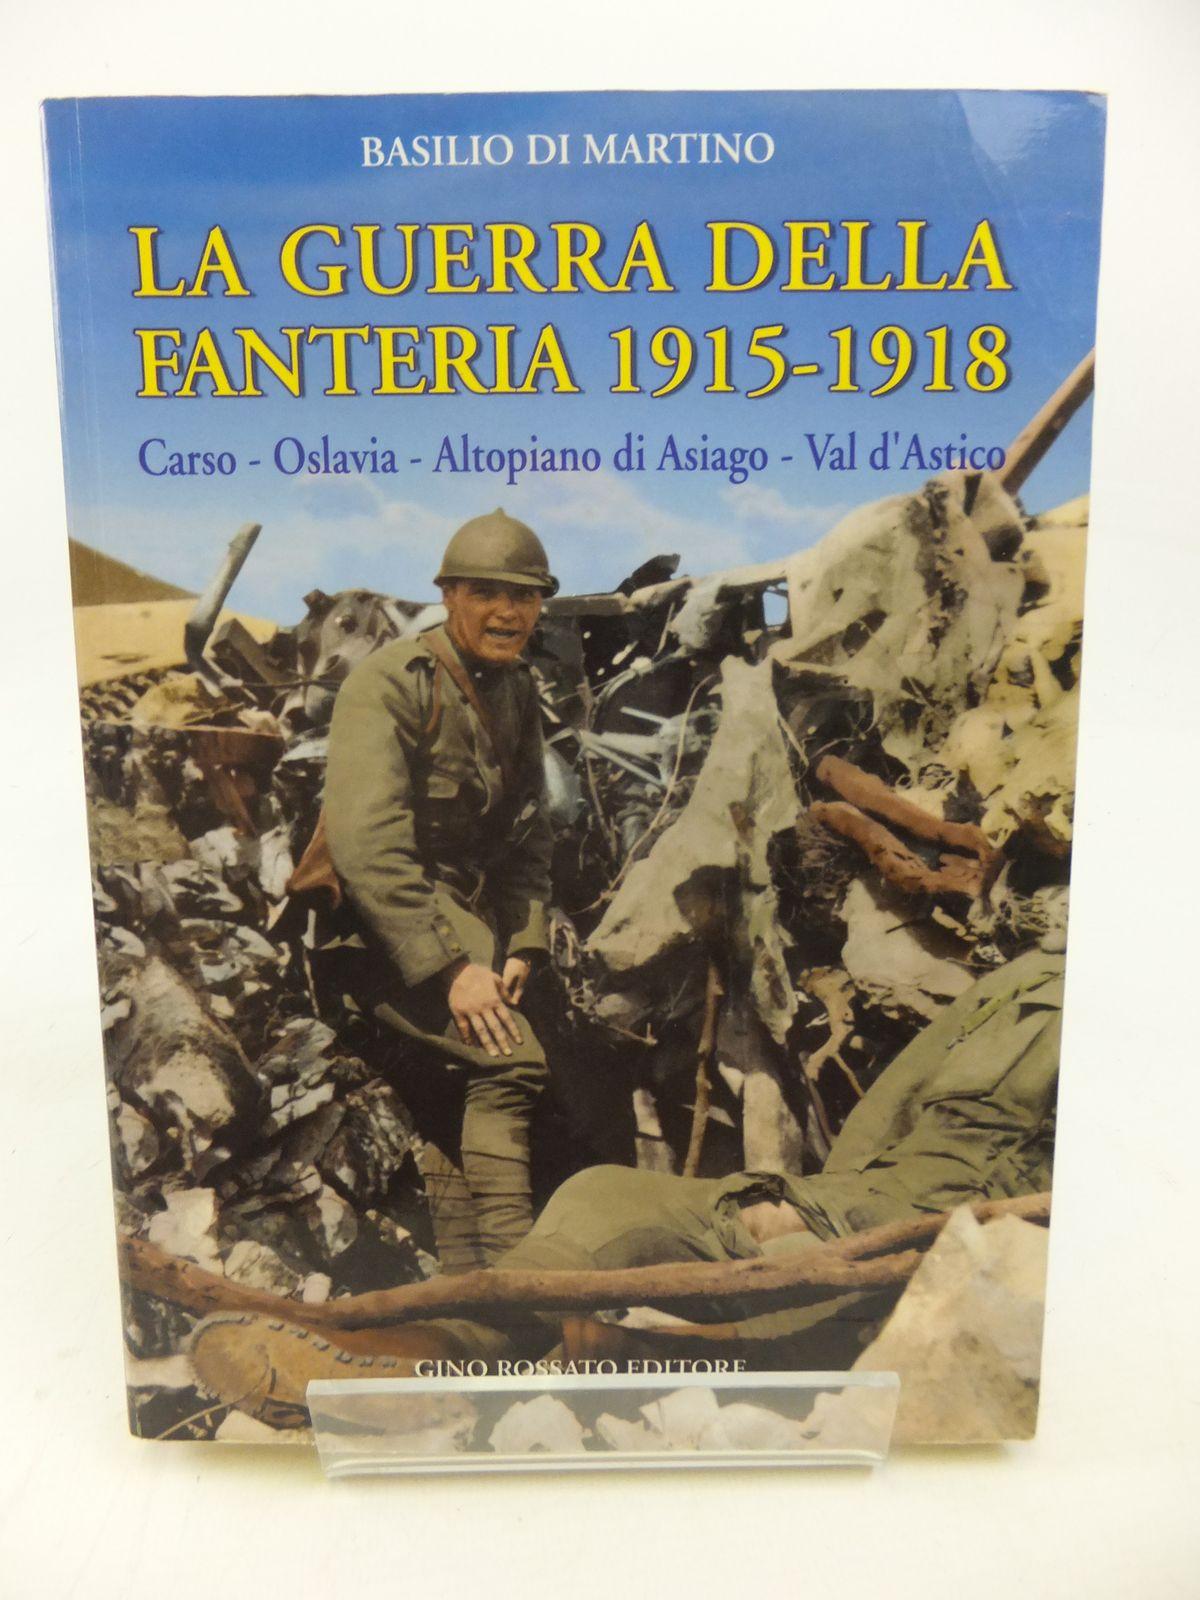 Photo of LA GUERRA DELLA FANTERIA 1915-1918 written by Di Martino, Basilio published by Gino Rossato Editore (STOCK CODE: 1810190)  for sale by Stella & Rose's Books